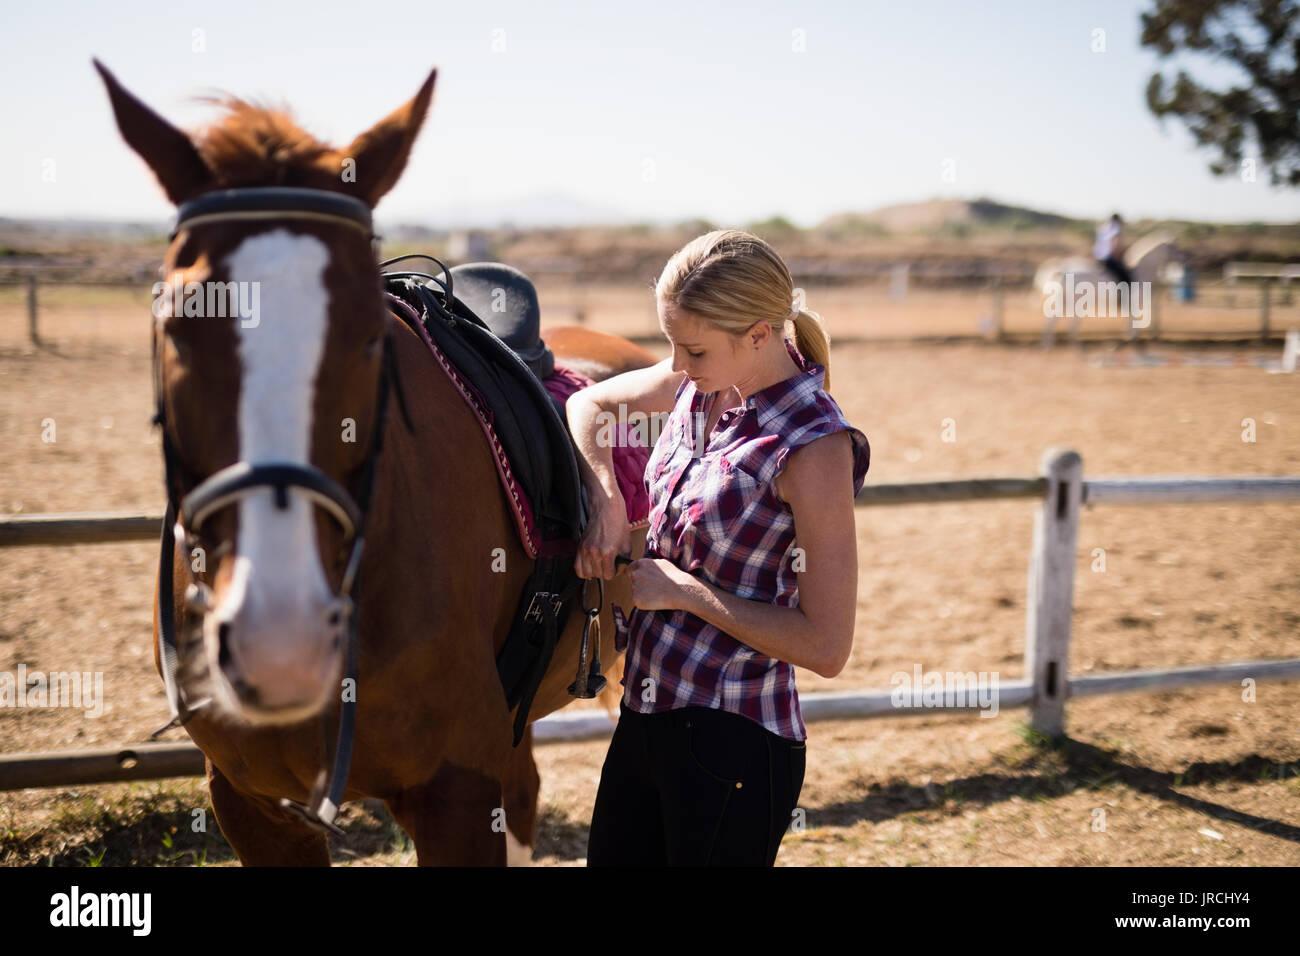 Mujer joven caballete de sujeción caballo estando de pie en el campo durante el día soleado Foto de stock